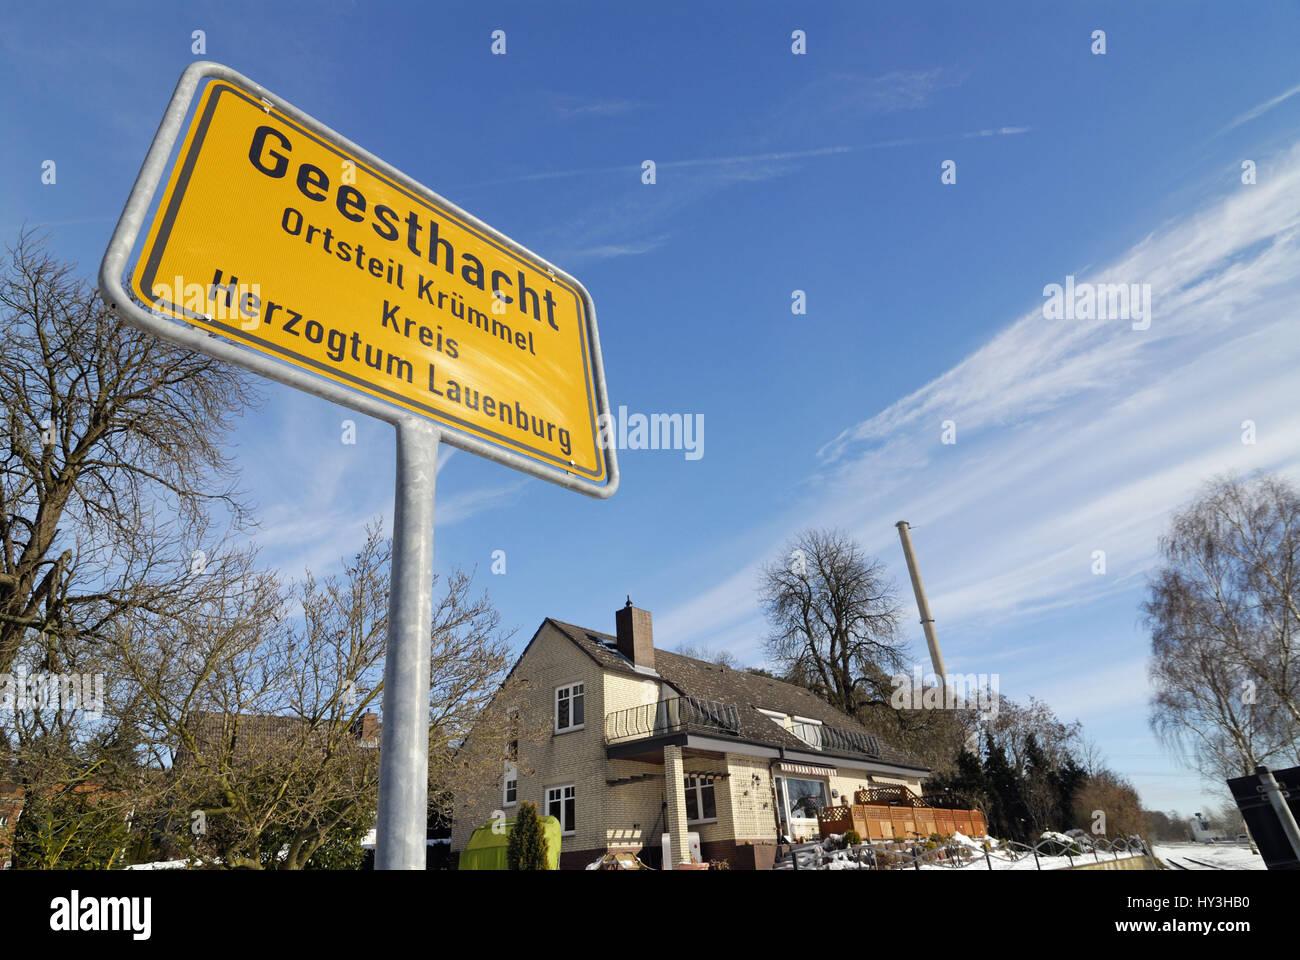 KKW Kr?mmel in Geesthacht, Schleswig - Holstein, KKW Krümmel in Geesthacht, Schleswig-Holstein - Stock Image